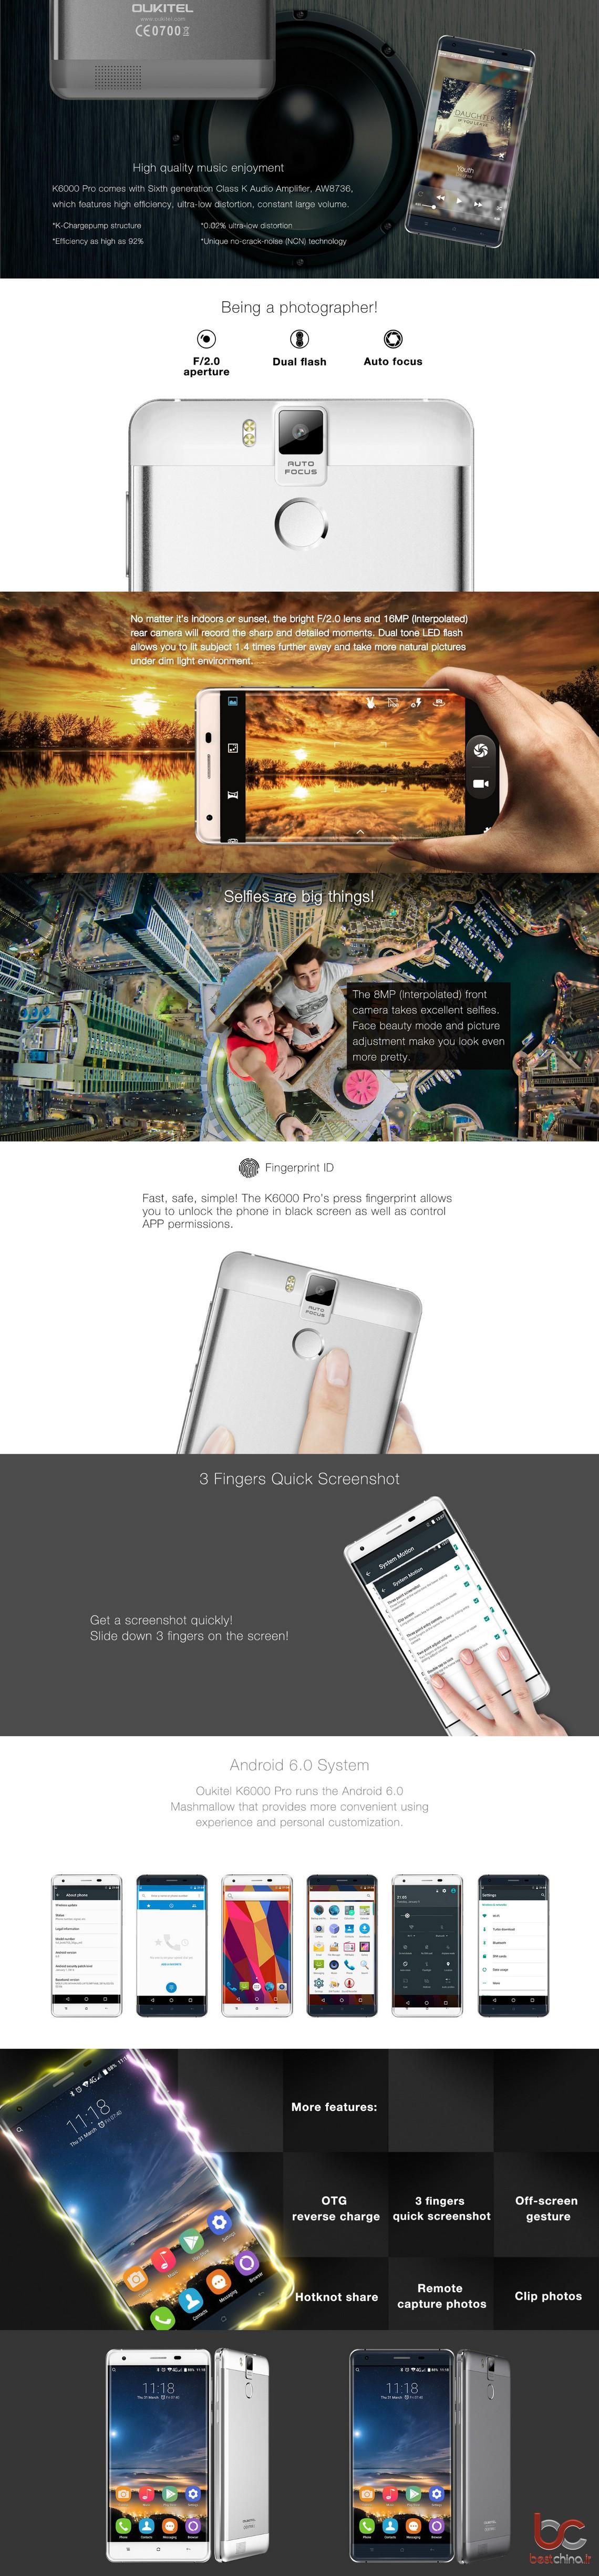 OUKITEL K6000 Pro (7)